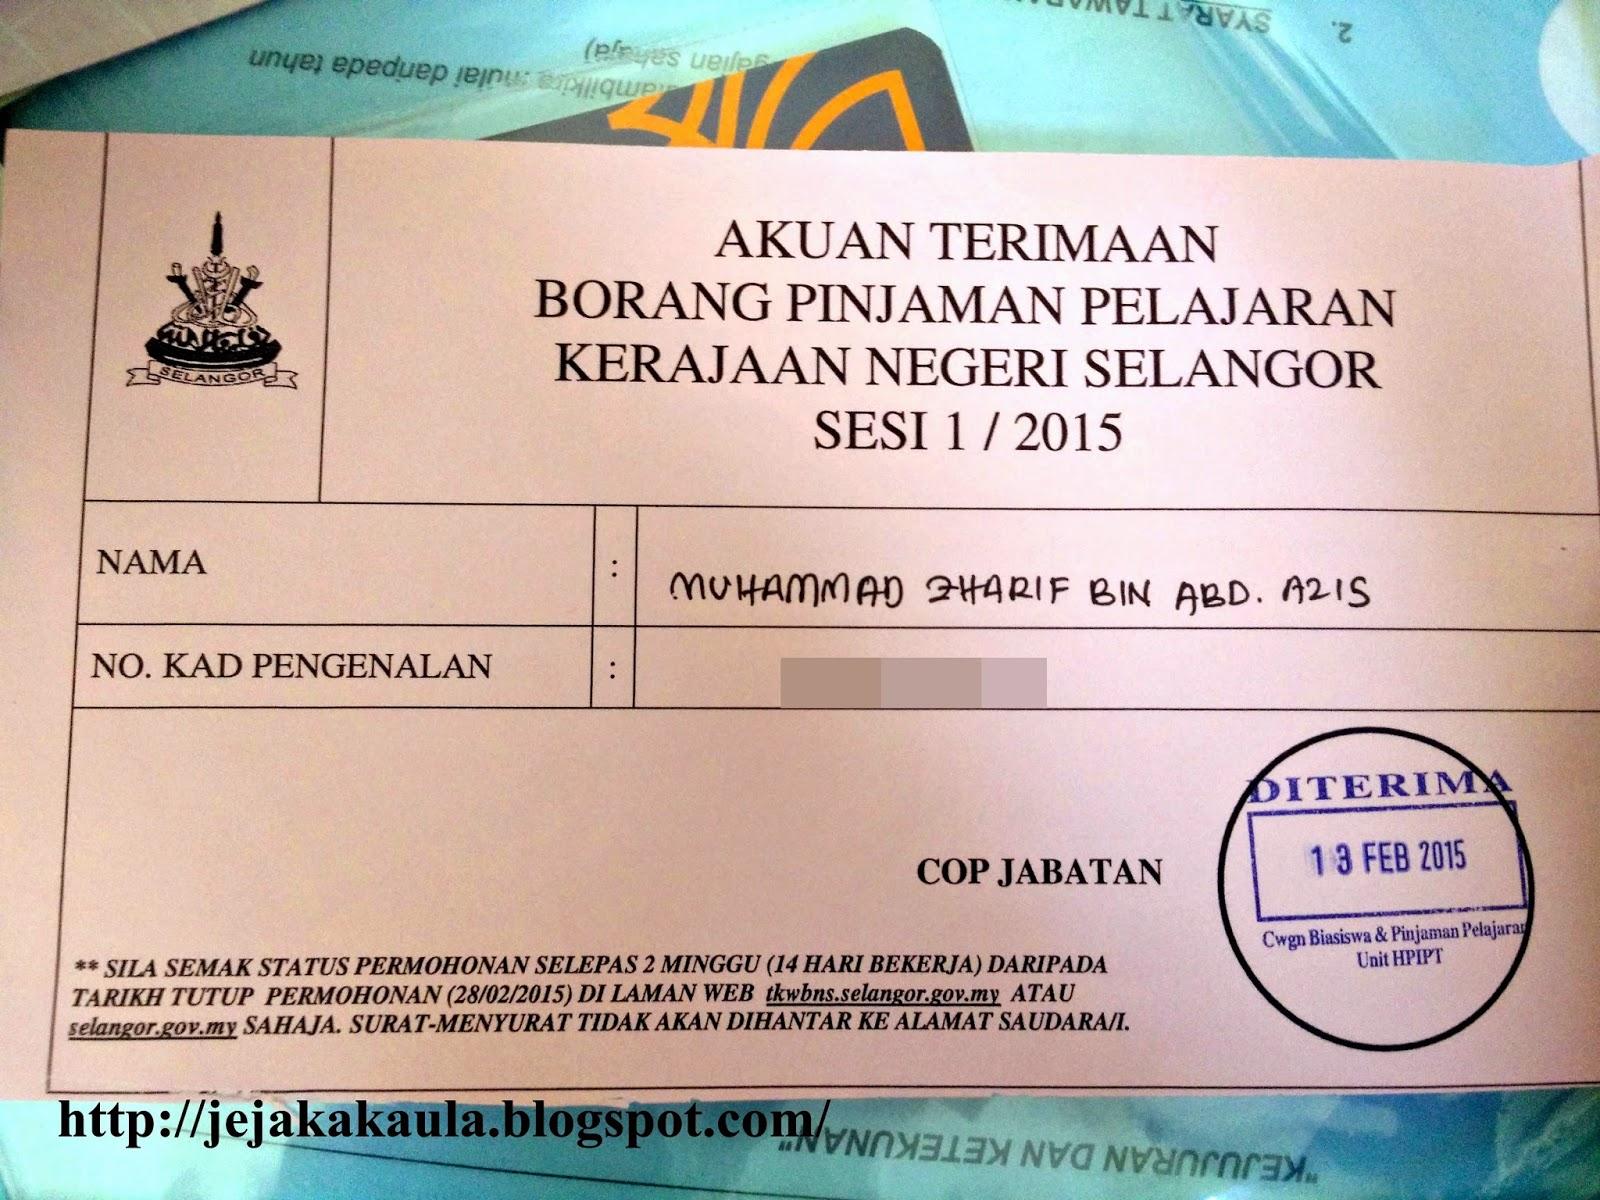 Pinjaman Pelajaran Negeri Selangor Jejakakaula